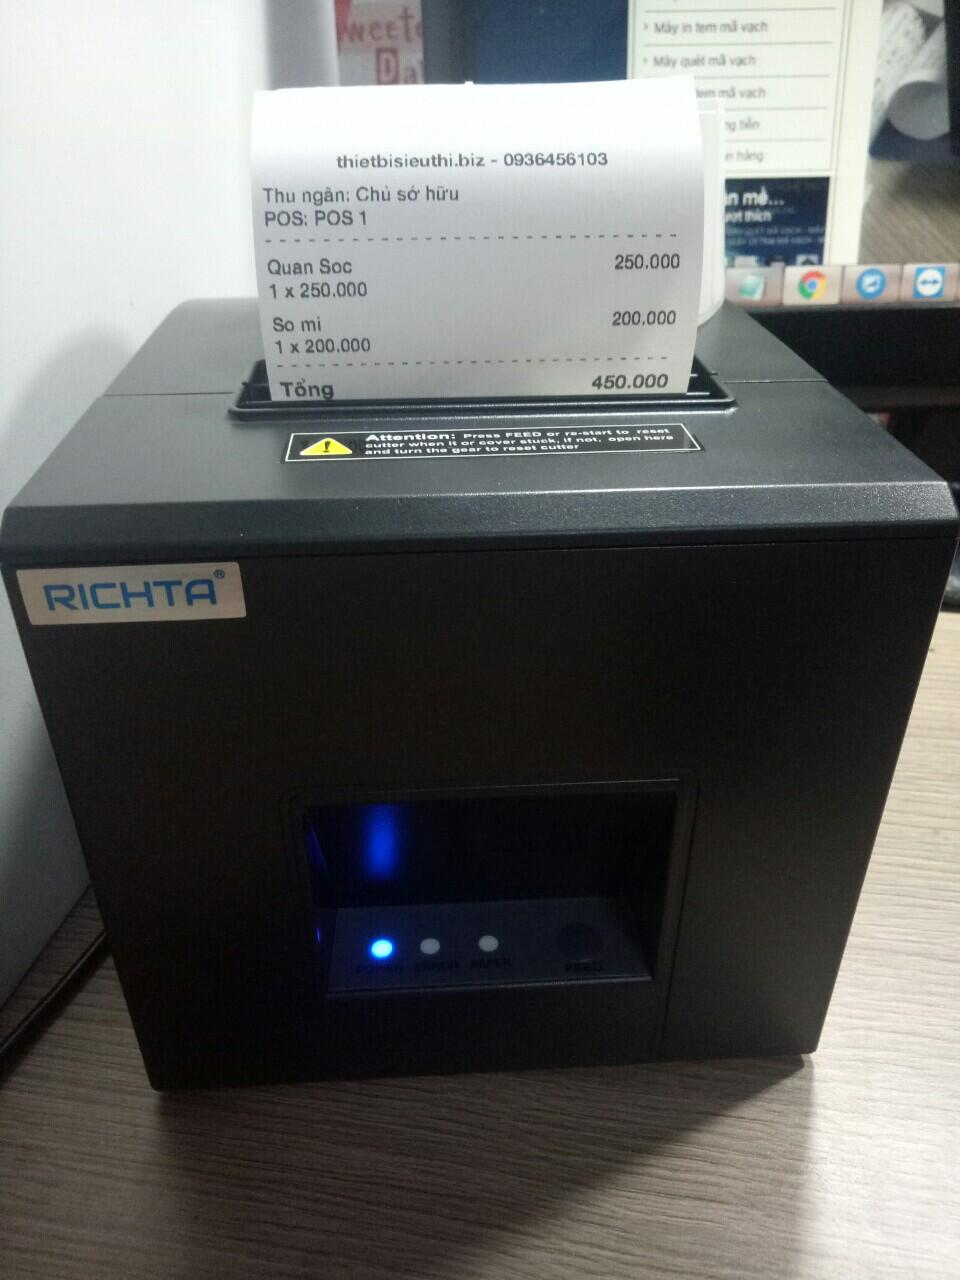 Máy in hóa đơn bán hàng trên điện thoại - Máy in Richta R82M